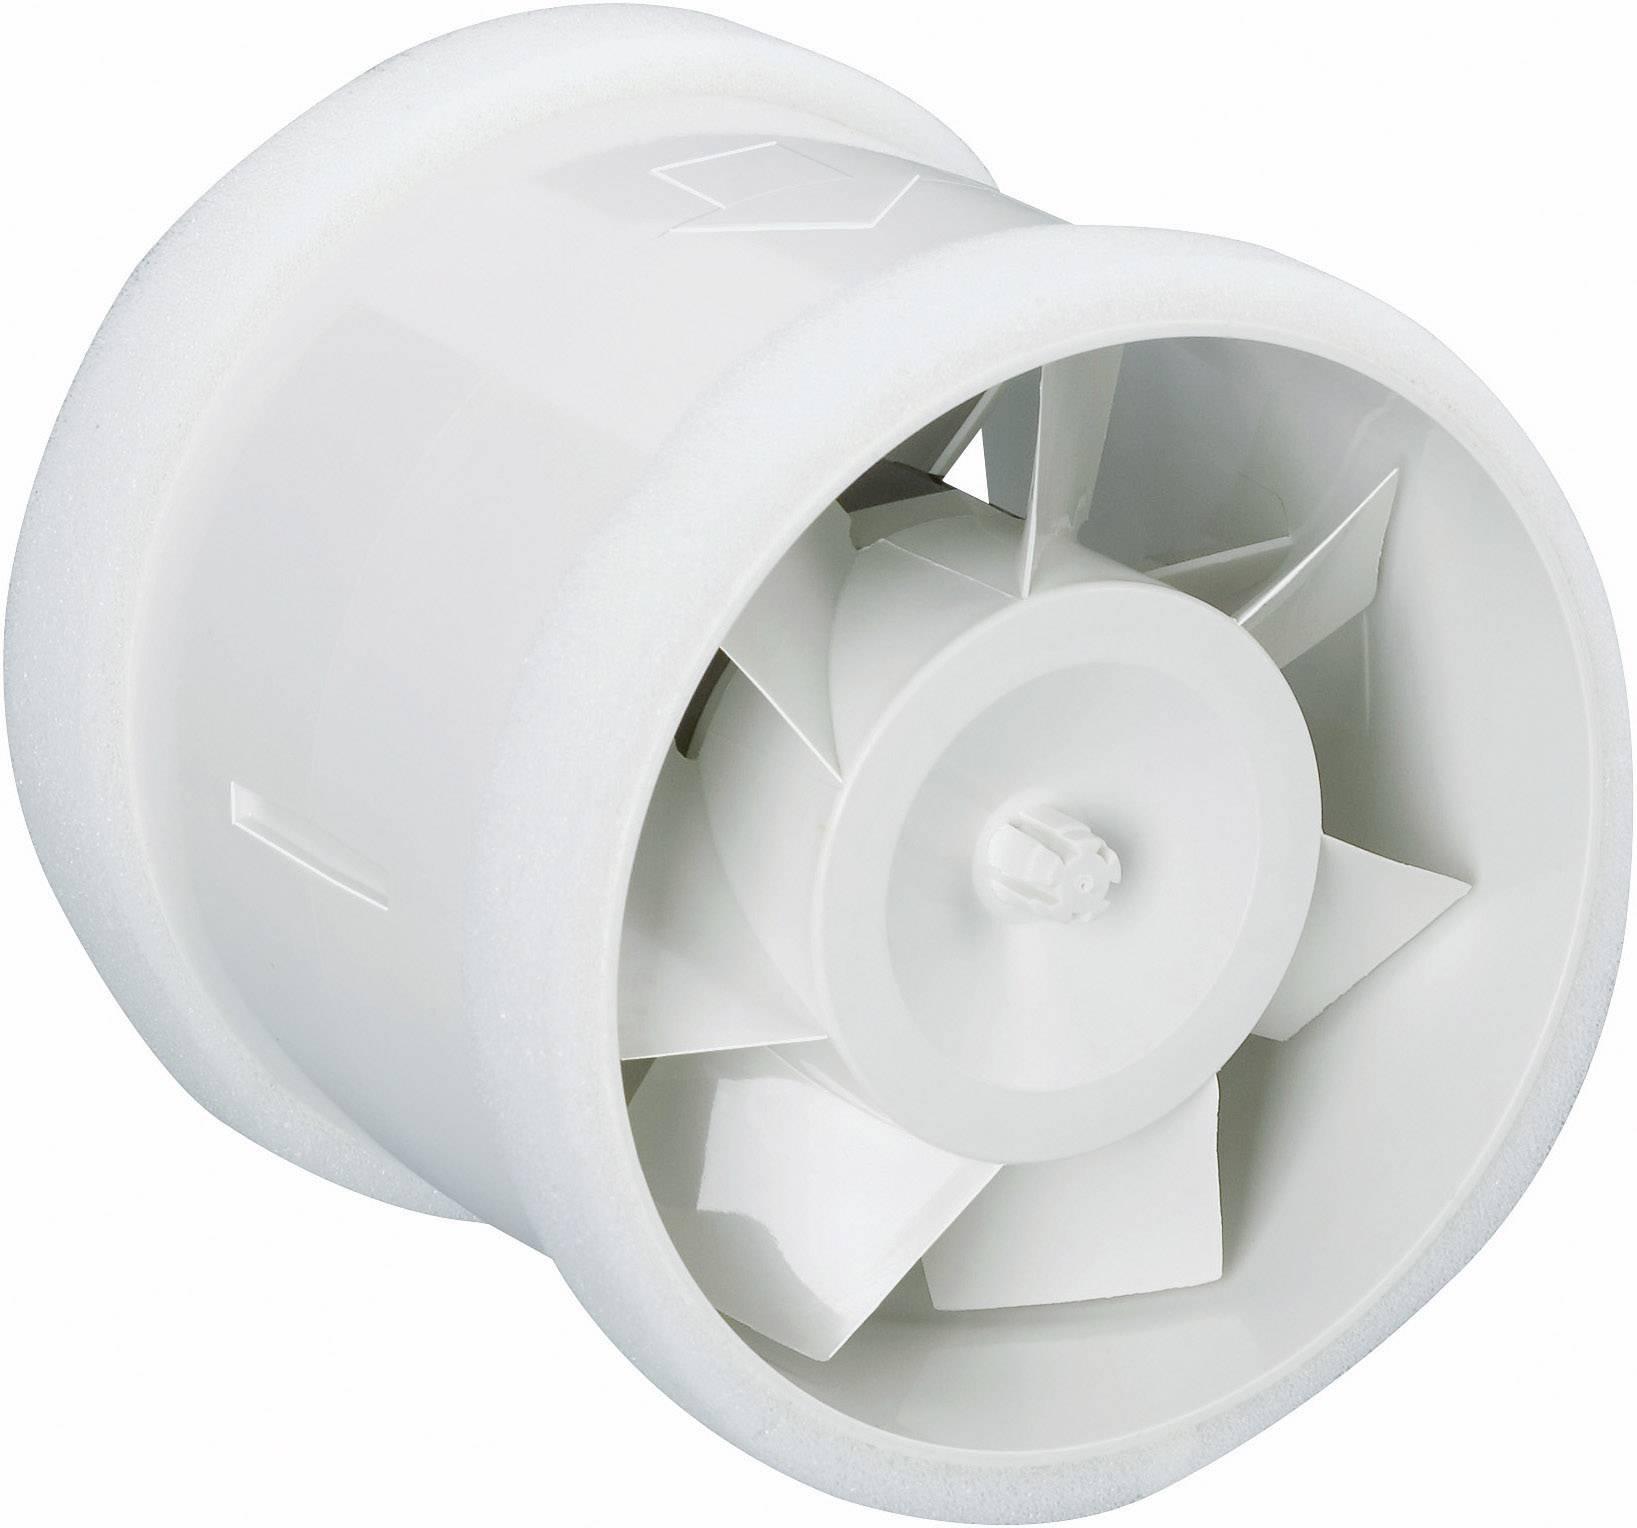 Rúrkový zásuvný ventilátor